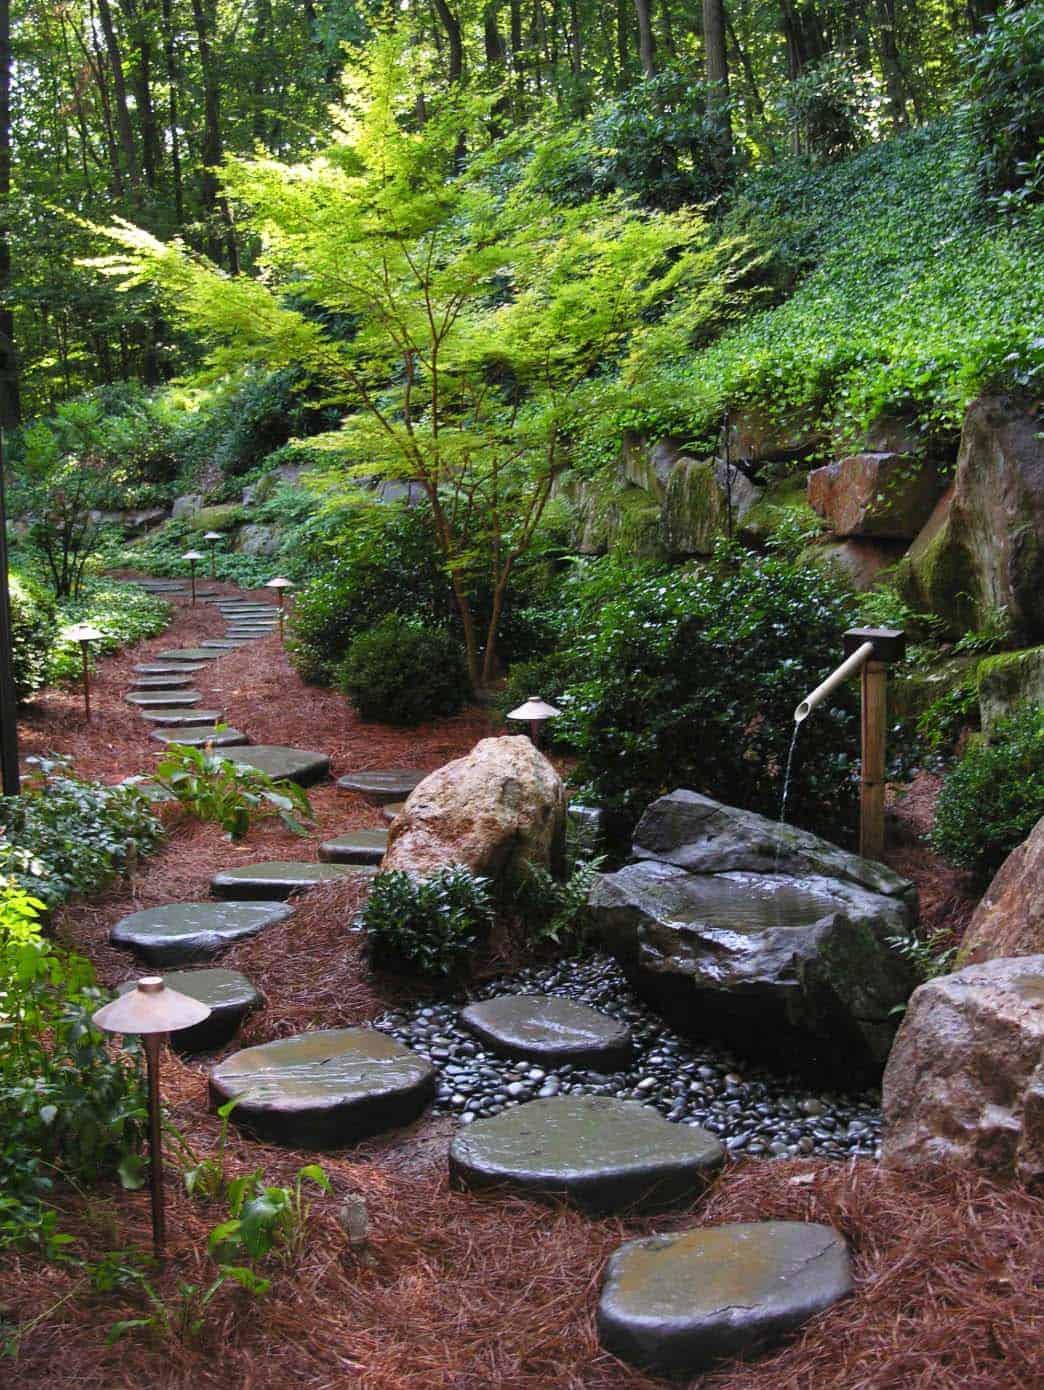 63168 Несколько идей оформления садовых дорожек. То что нужно для уютного дворика!